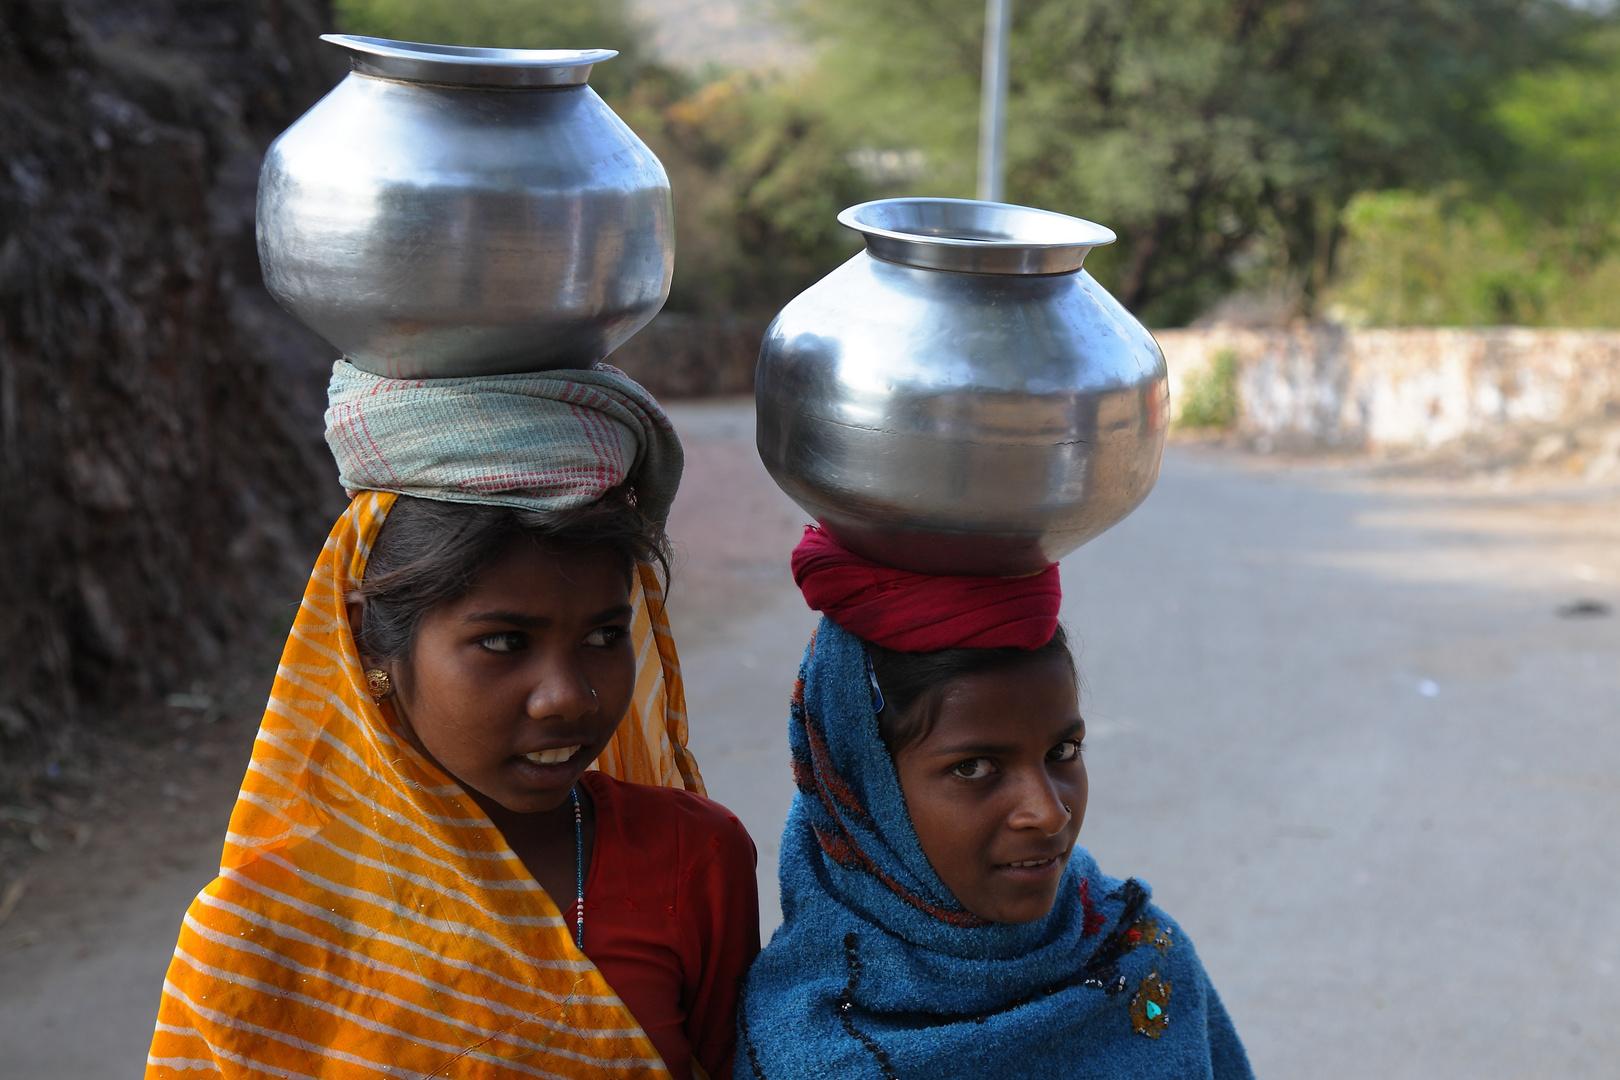 Les porteuses d'eau, route de Kumbhalgarh, Rajasthan.